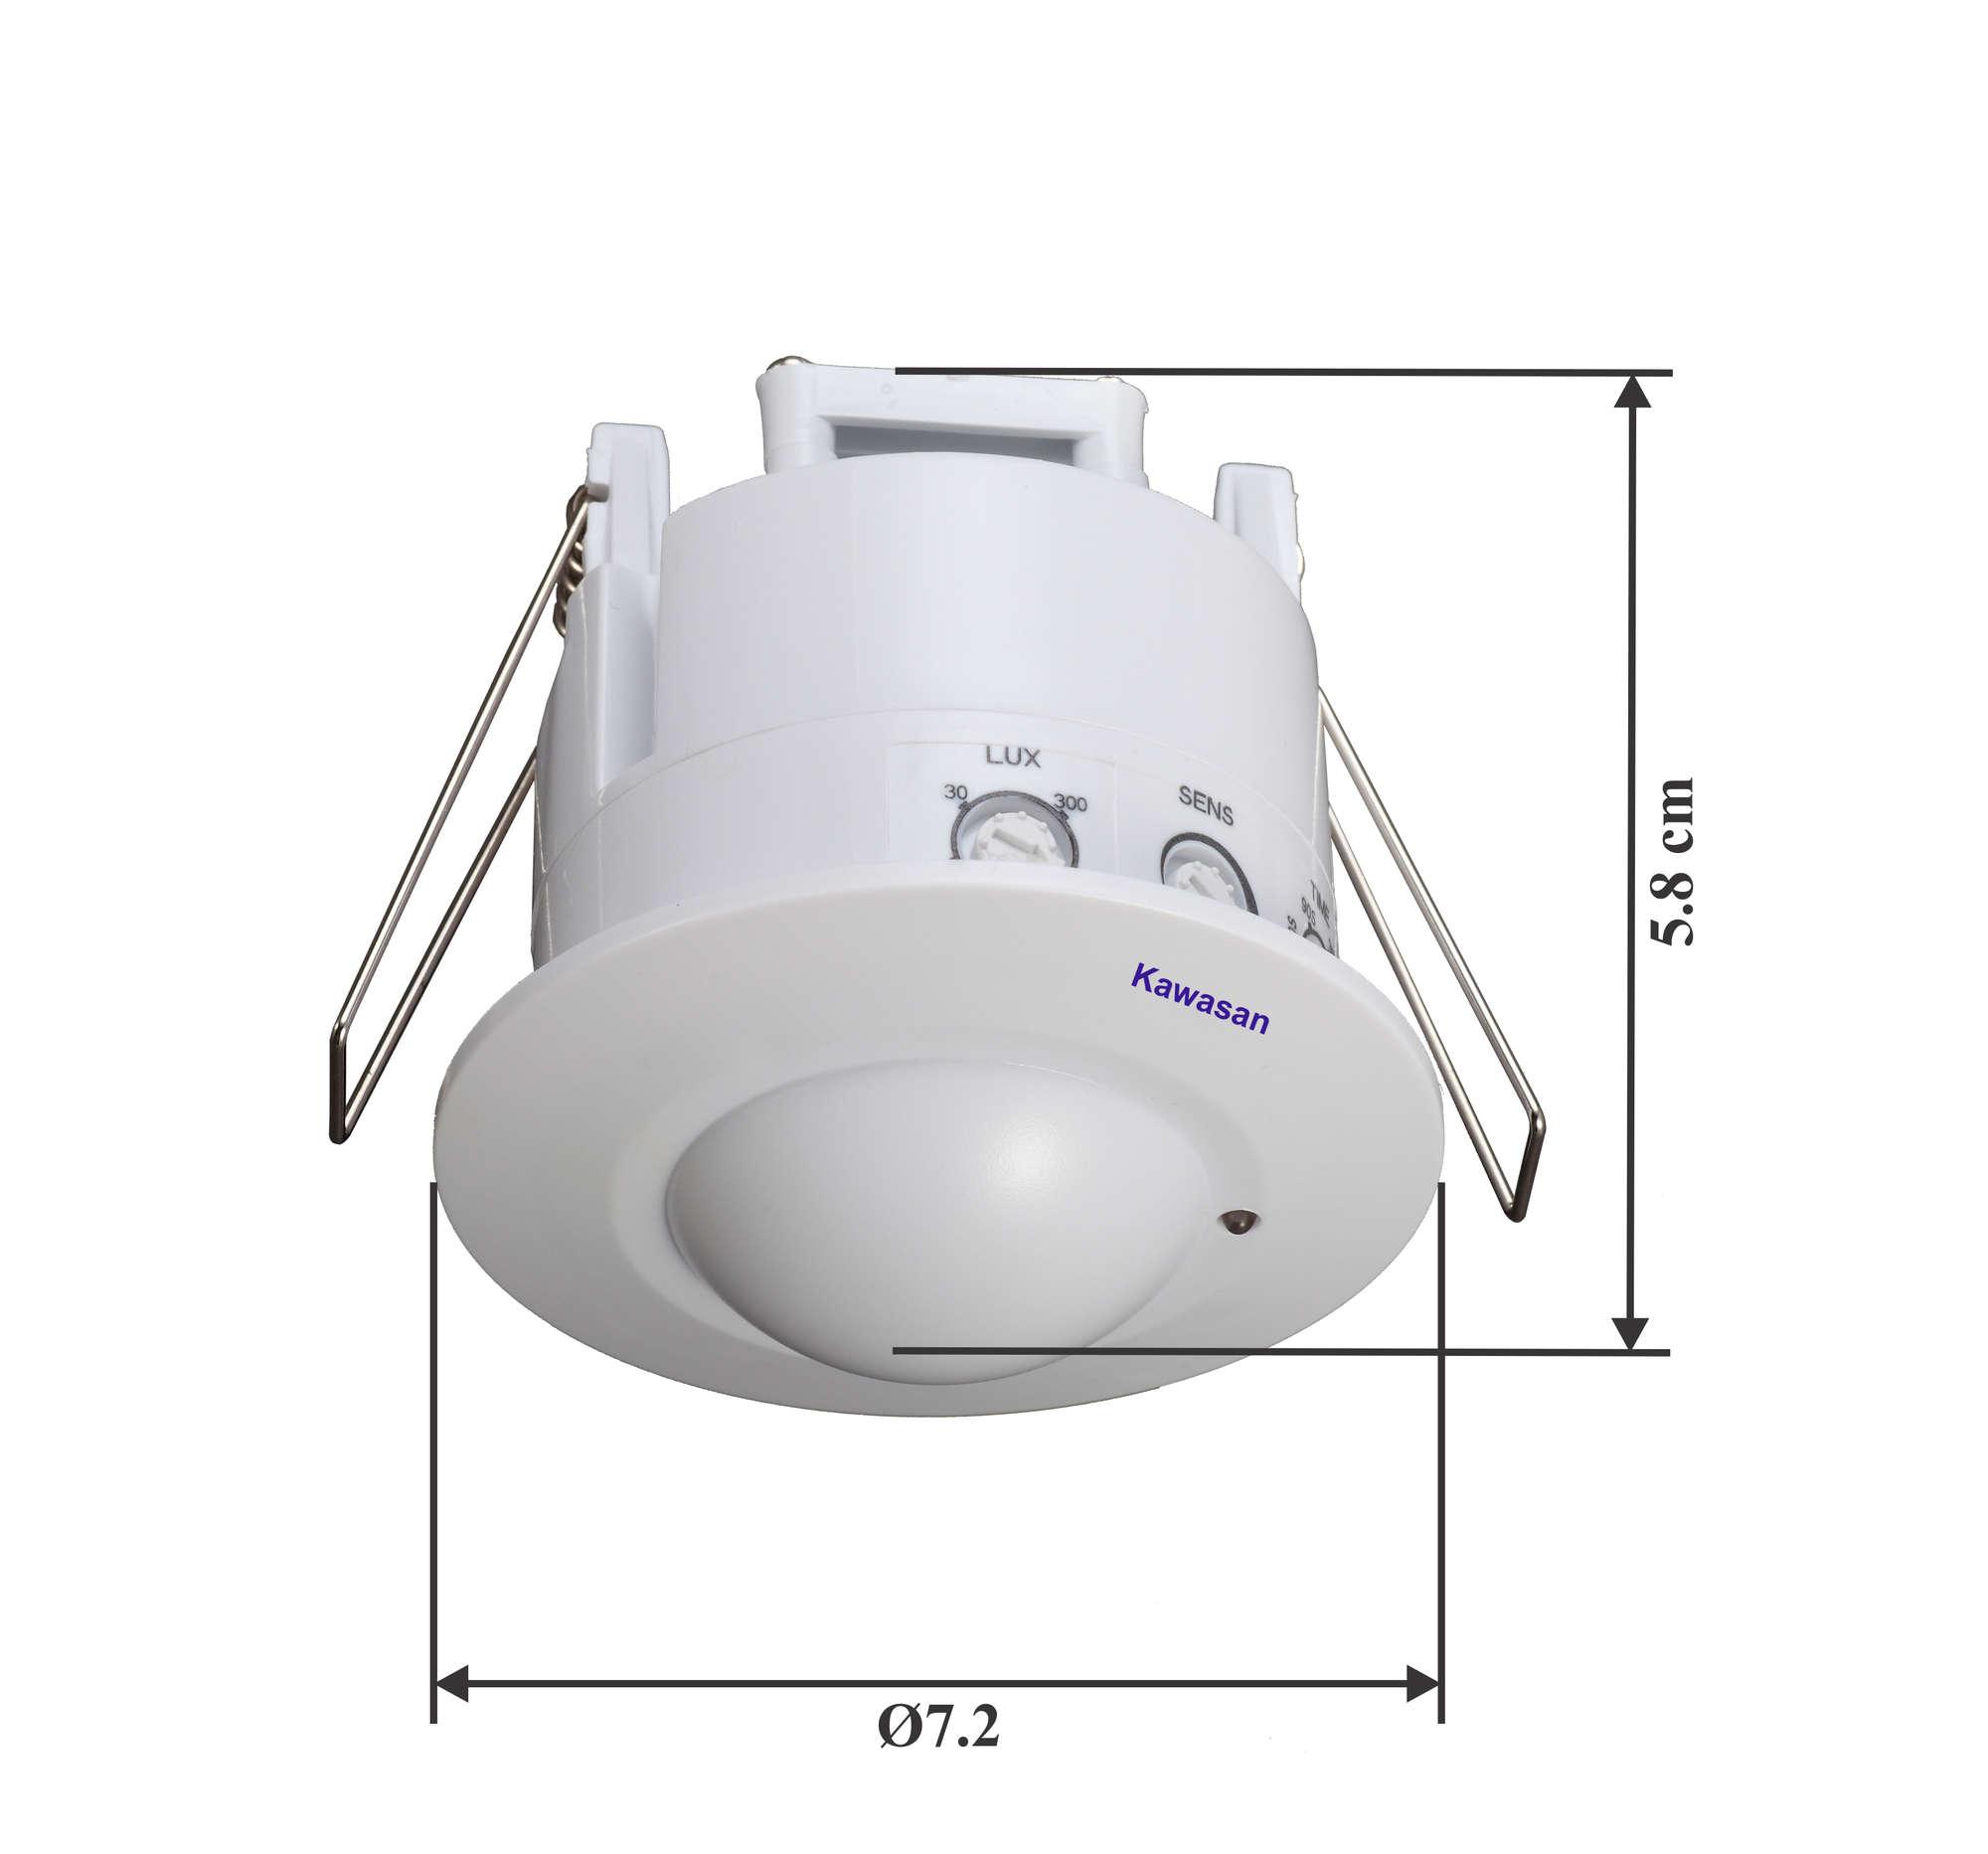 Rs04 công tắc cảm ứng vi sóng